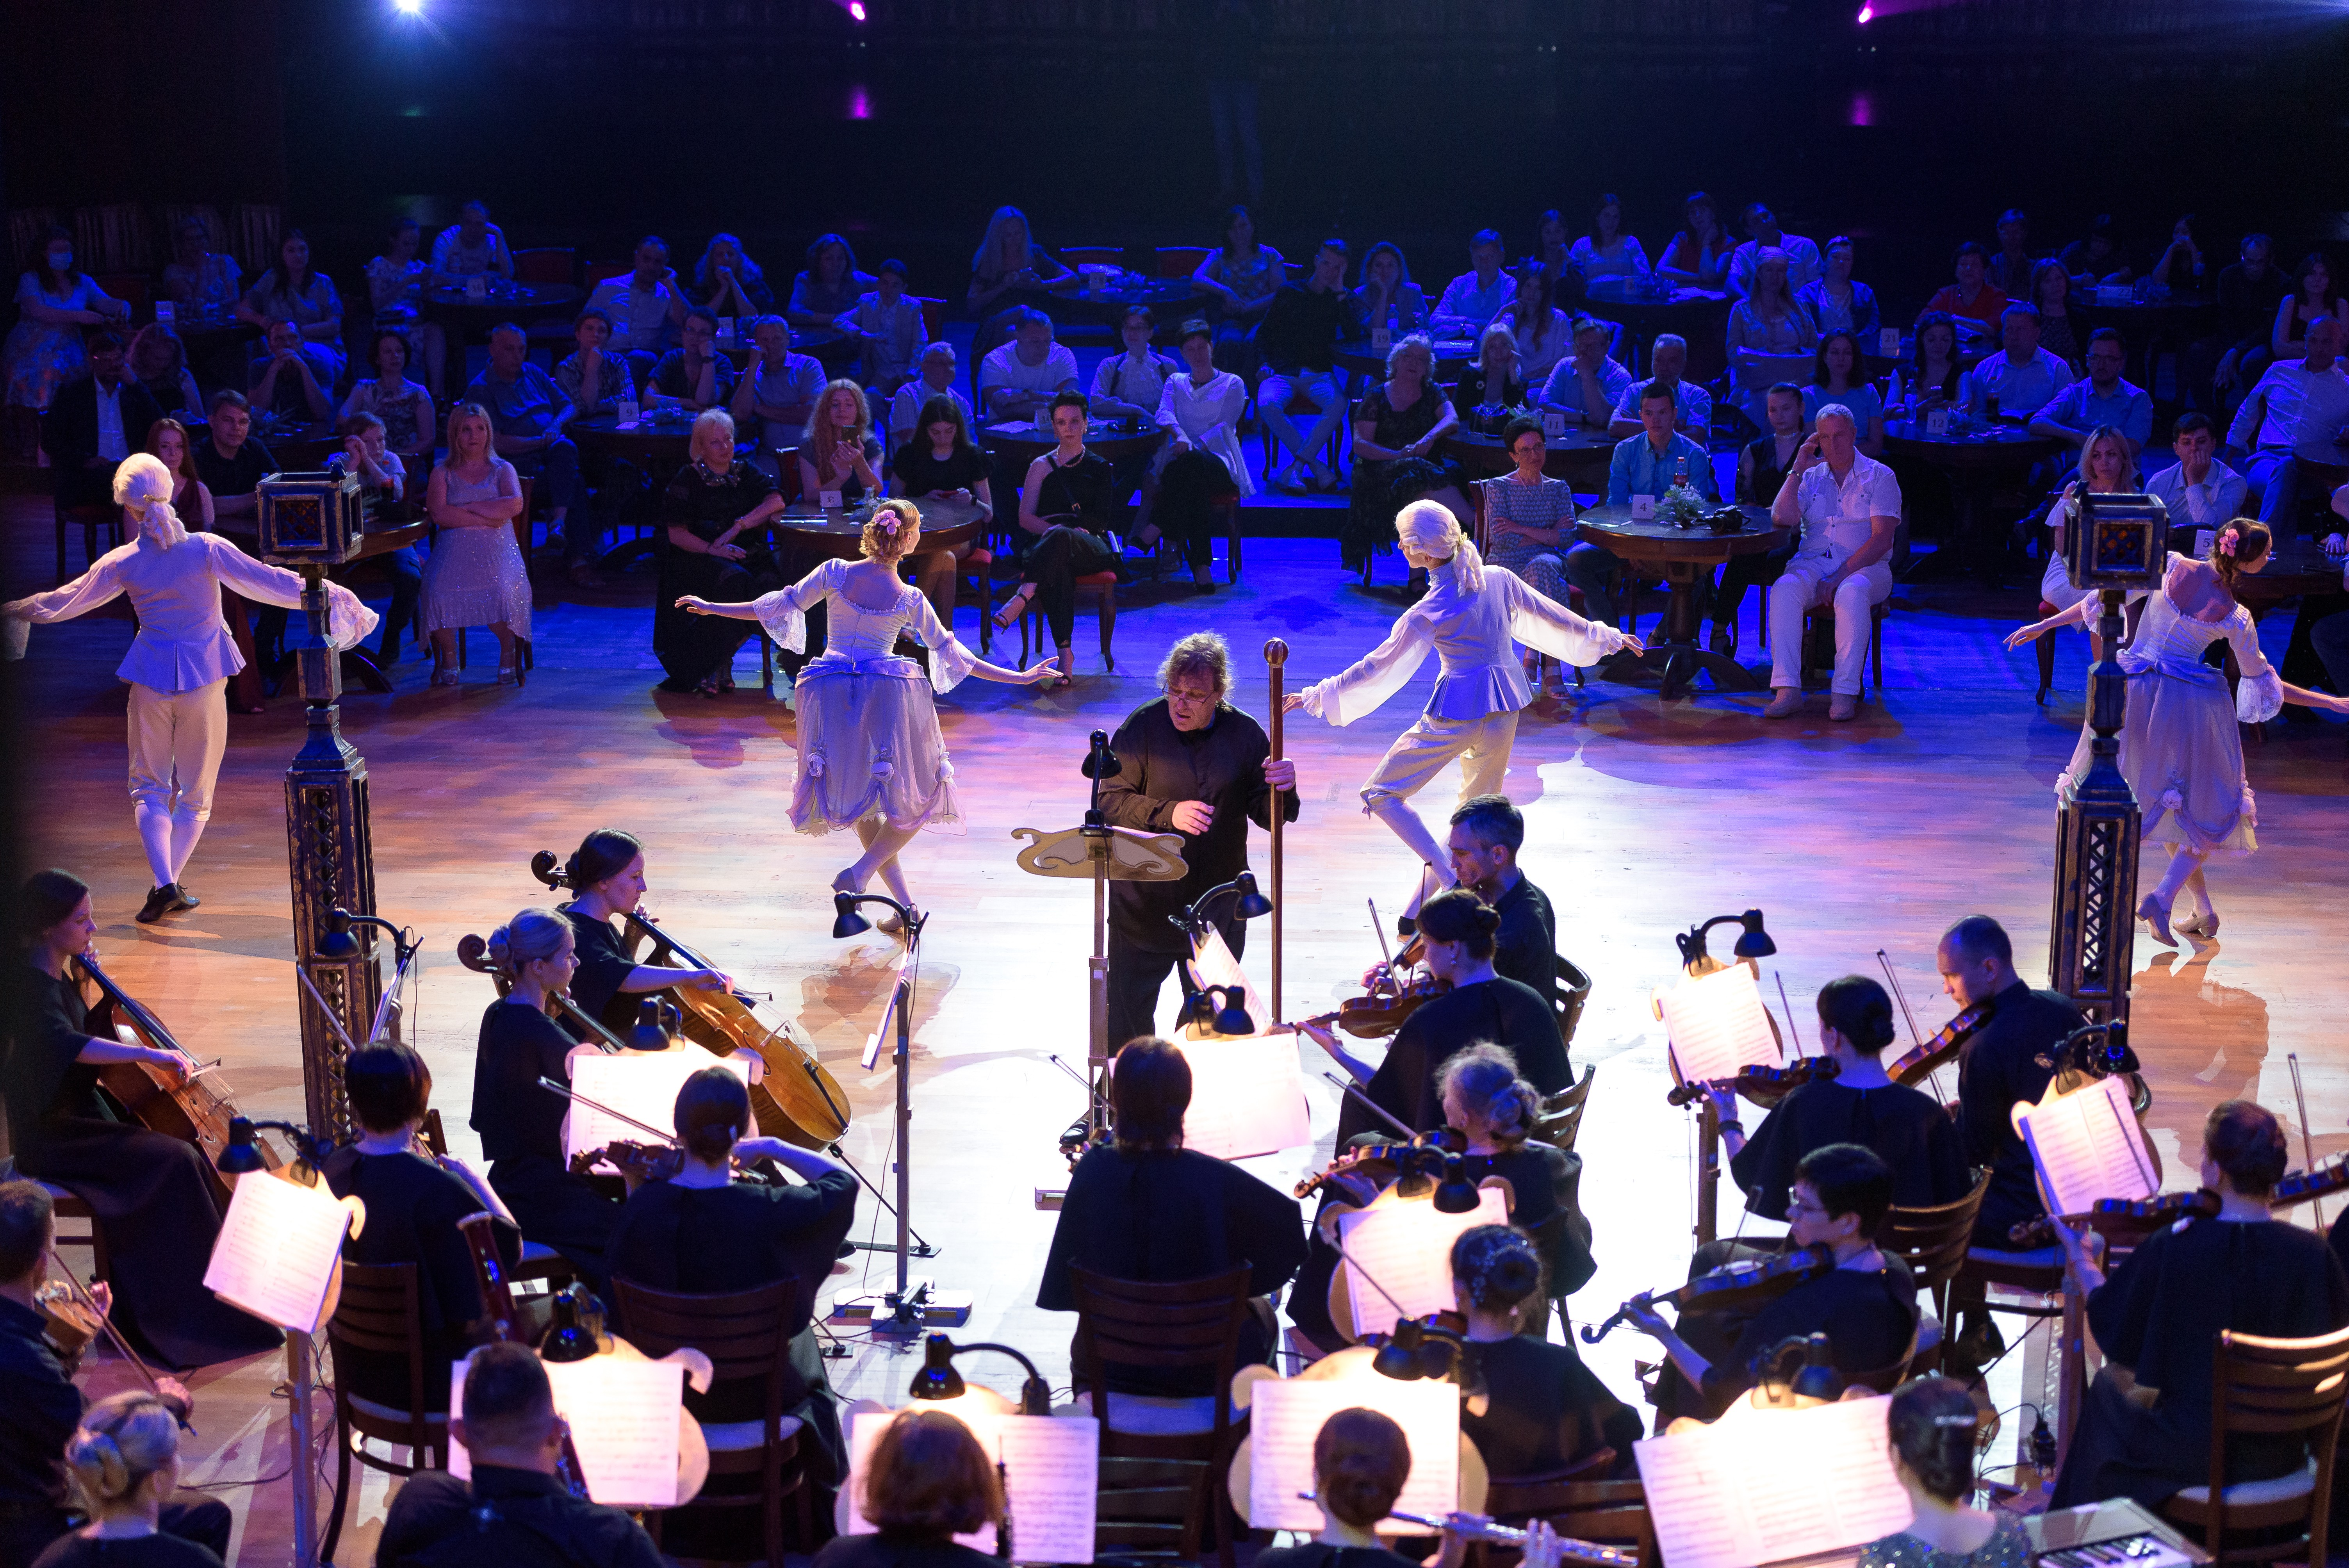 Великолепие барочной музыки в волшебную майскую ночь